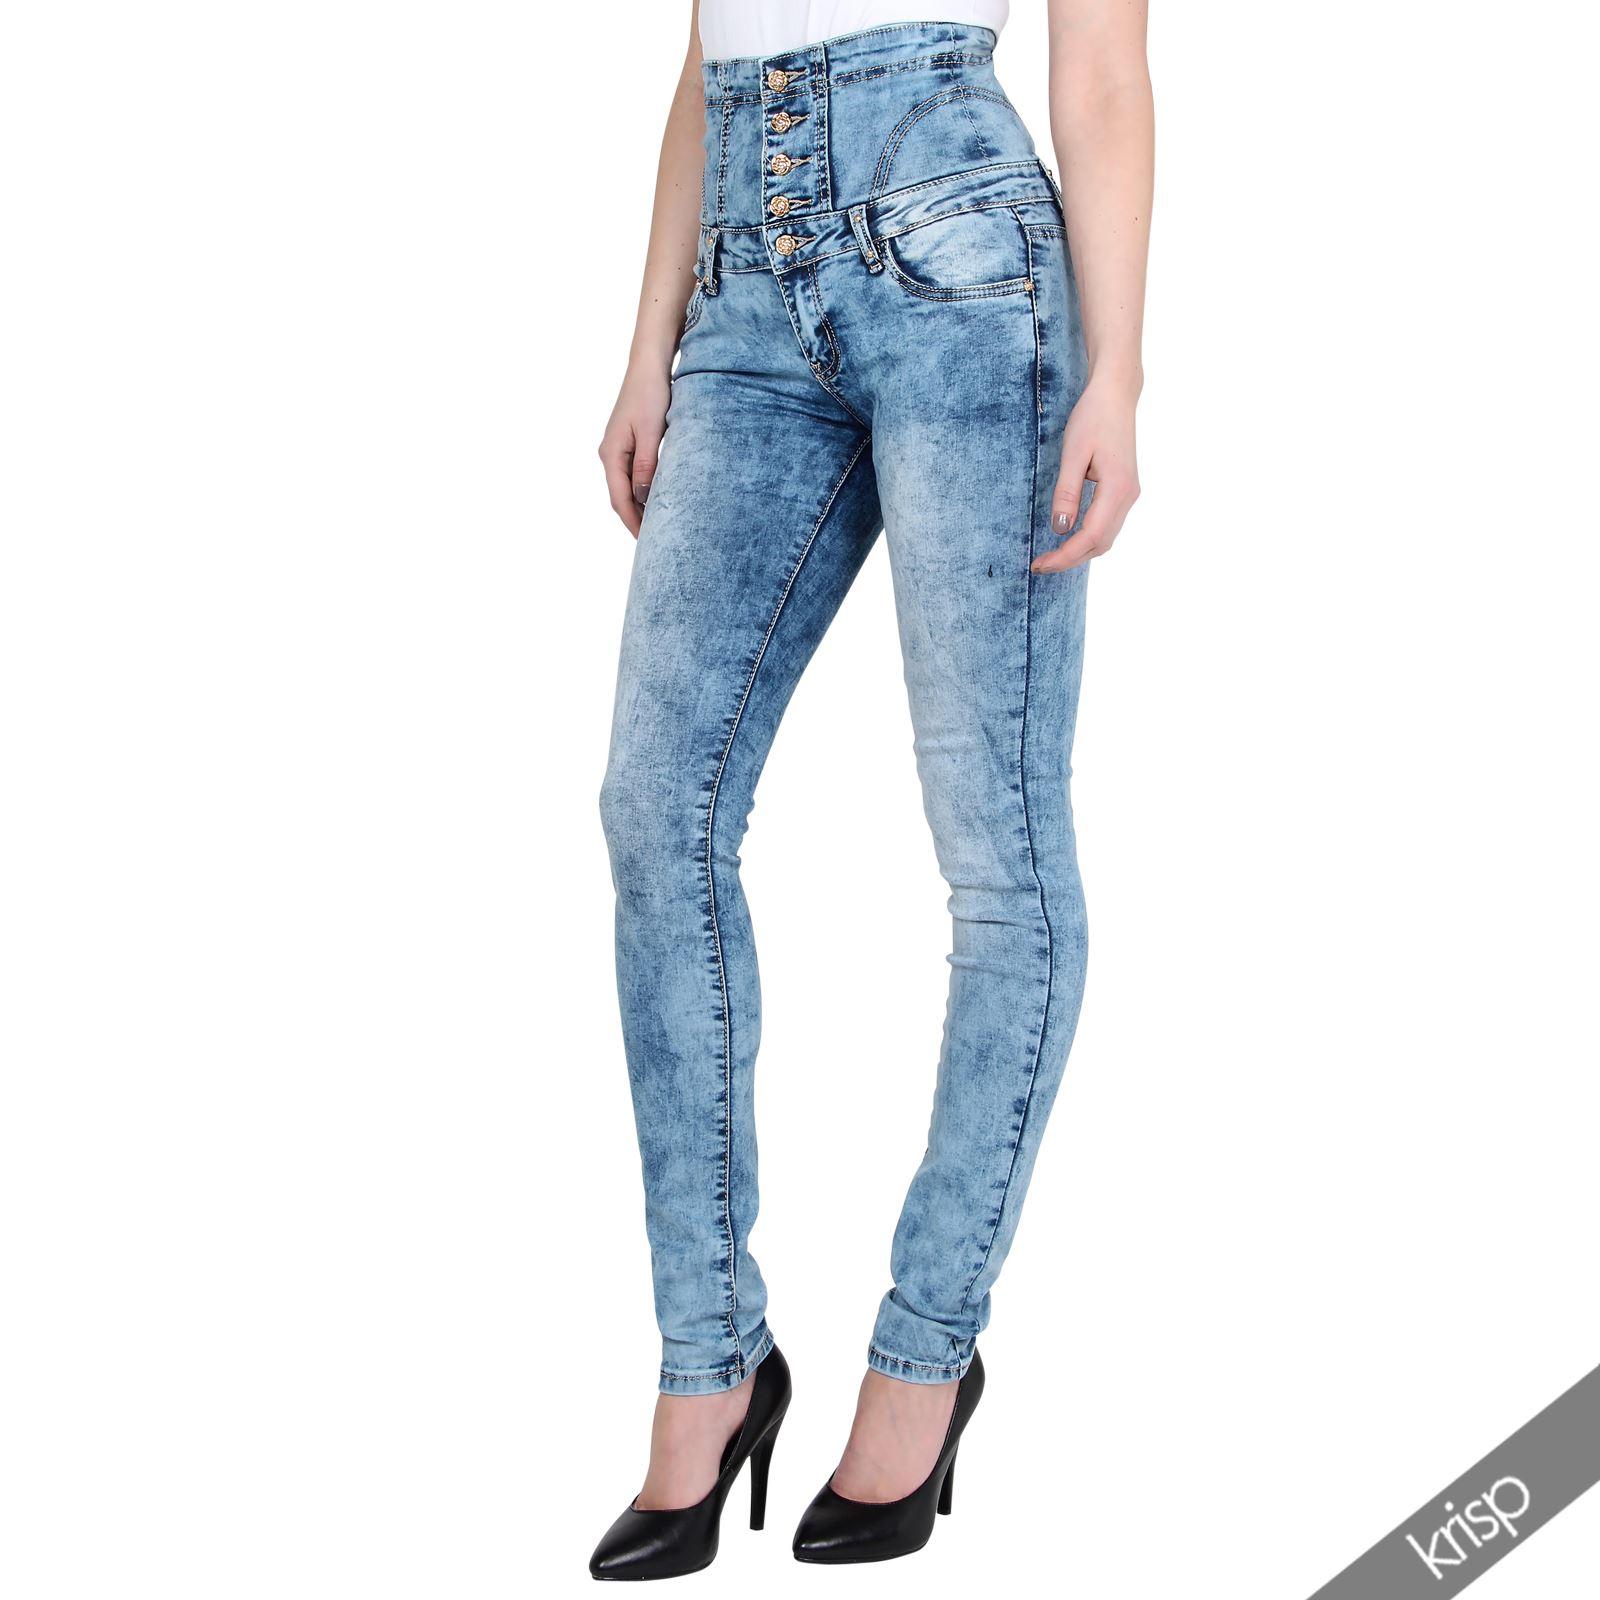 damen high waist jeans breiter hoher bund stretch slim skinny denim acid wash ebay. Black Bedroom Furniture Sets. Home Design Ideas